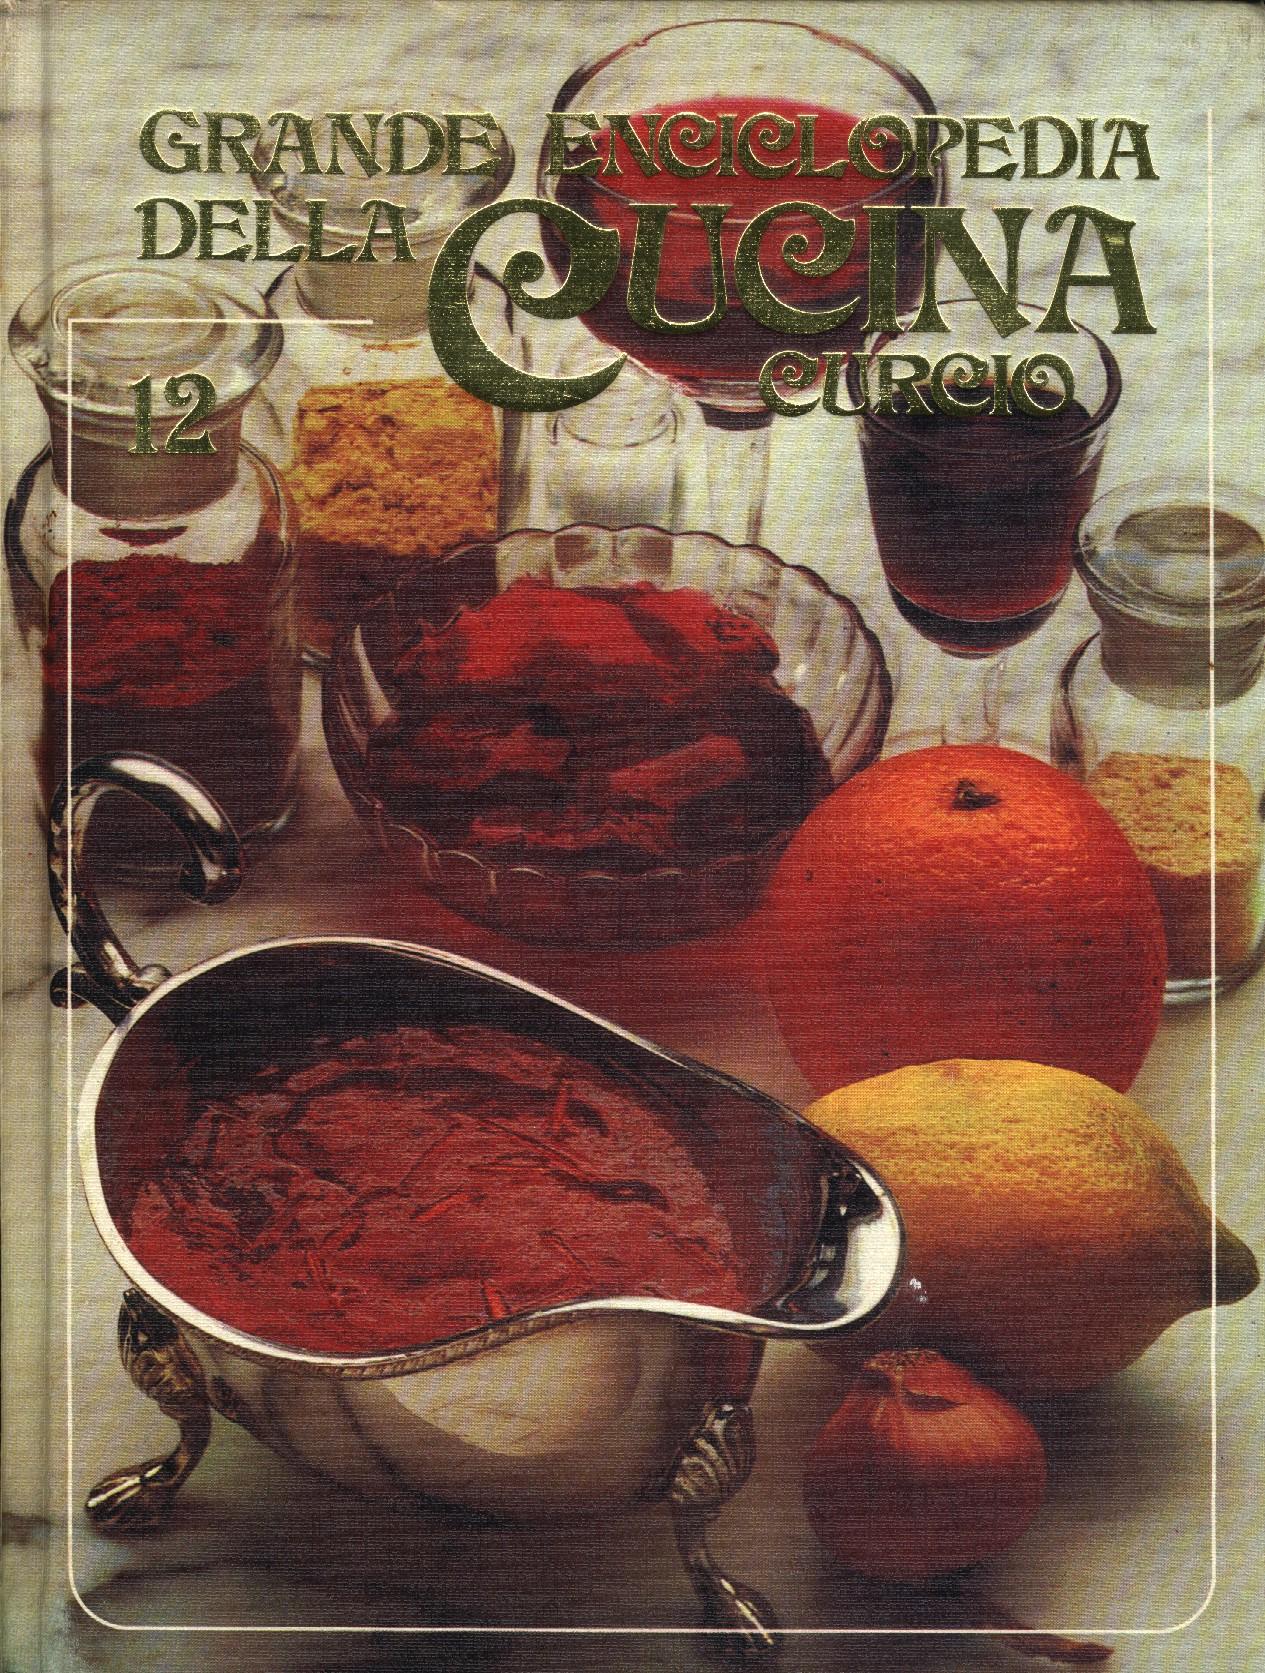 Grande Enciclopedia della Cucina Vol. 12 (kev-man)